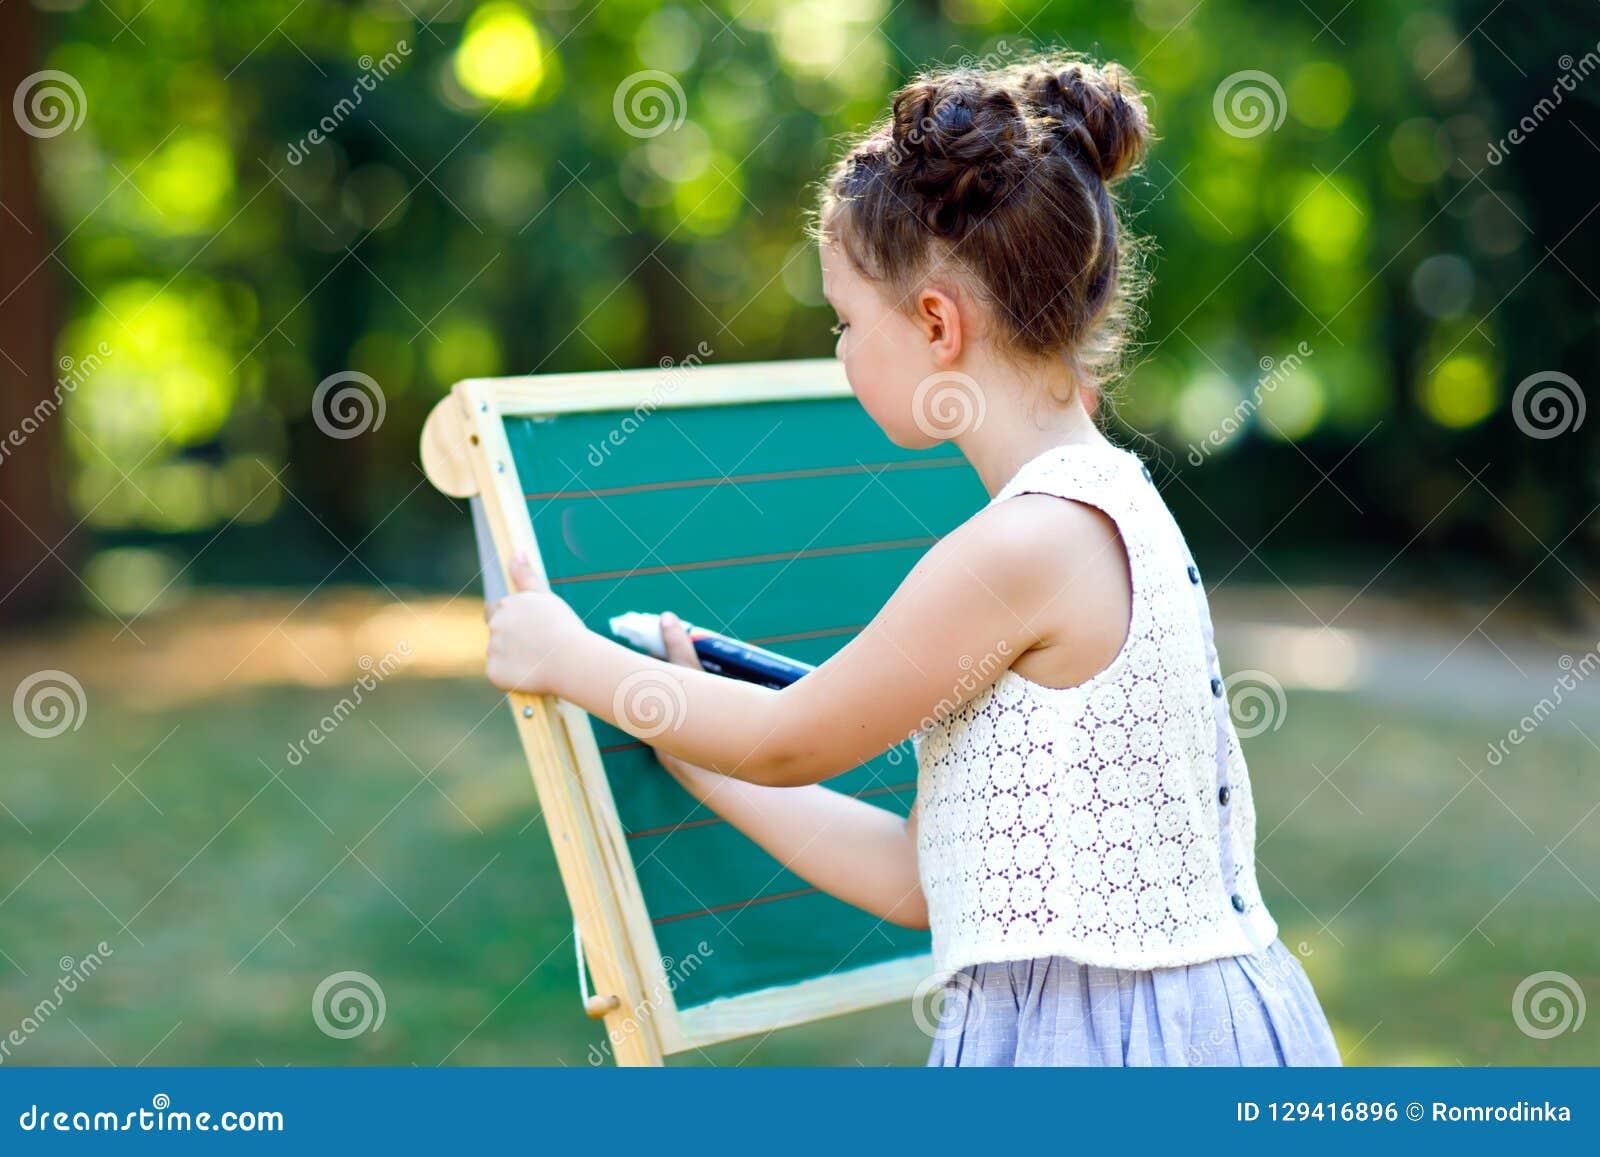 Счастливая девушка маленького ребенка готовя большие Preschool или schoolkid стола мела на первый день элементарного класса задня